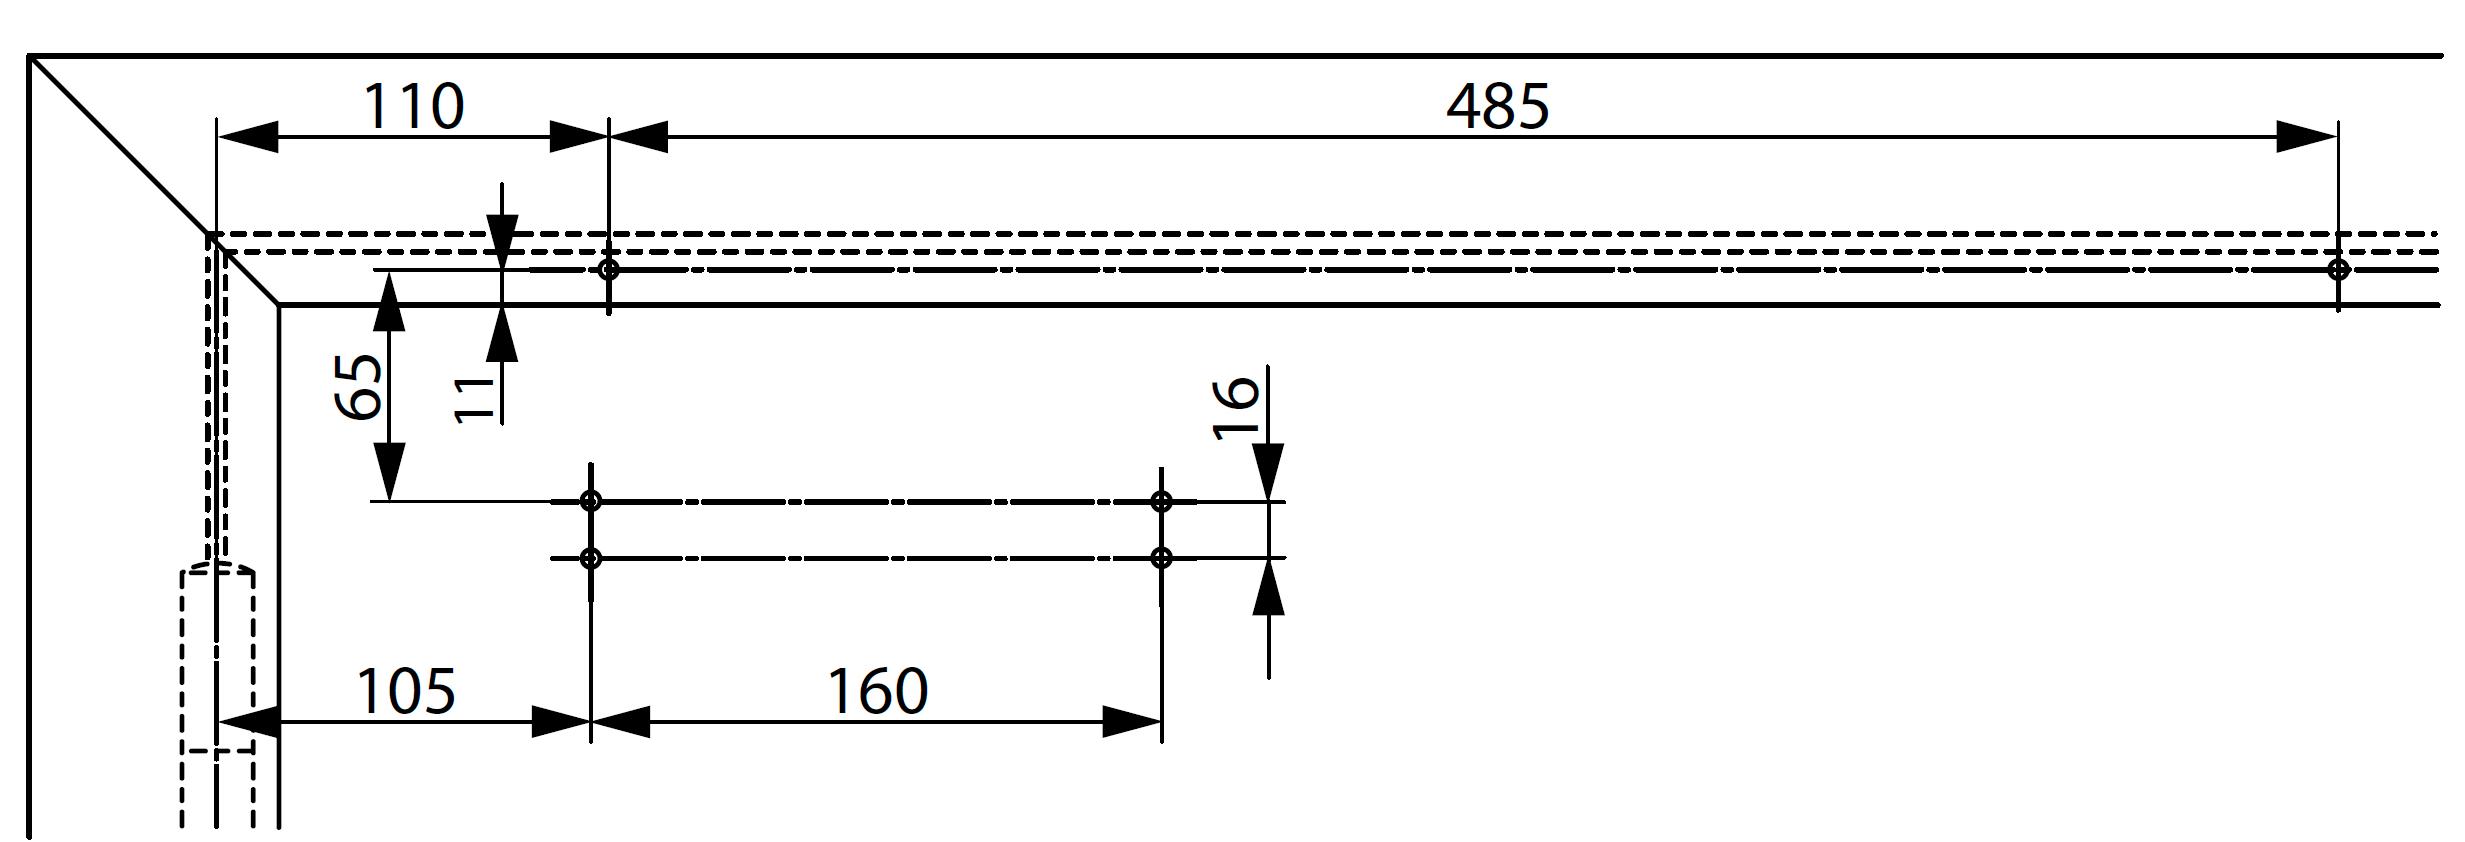 Монтажные размеры для стандартной установки доводчика DC700 с монтажной пластиной со стороны обратной петлям